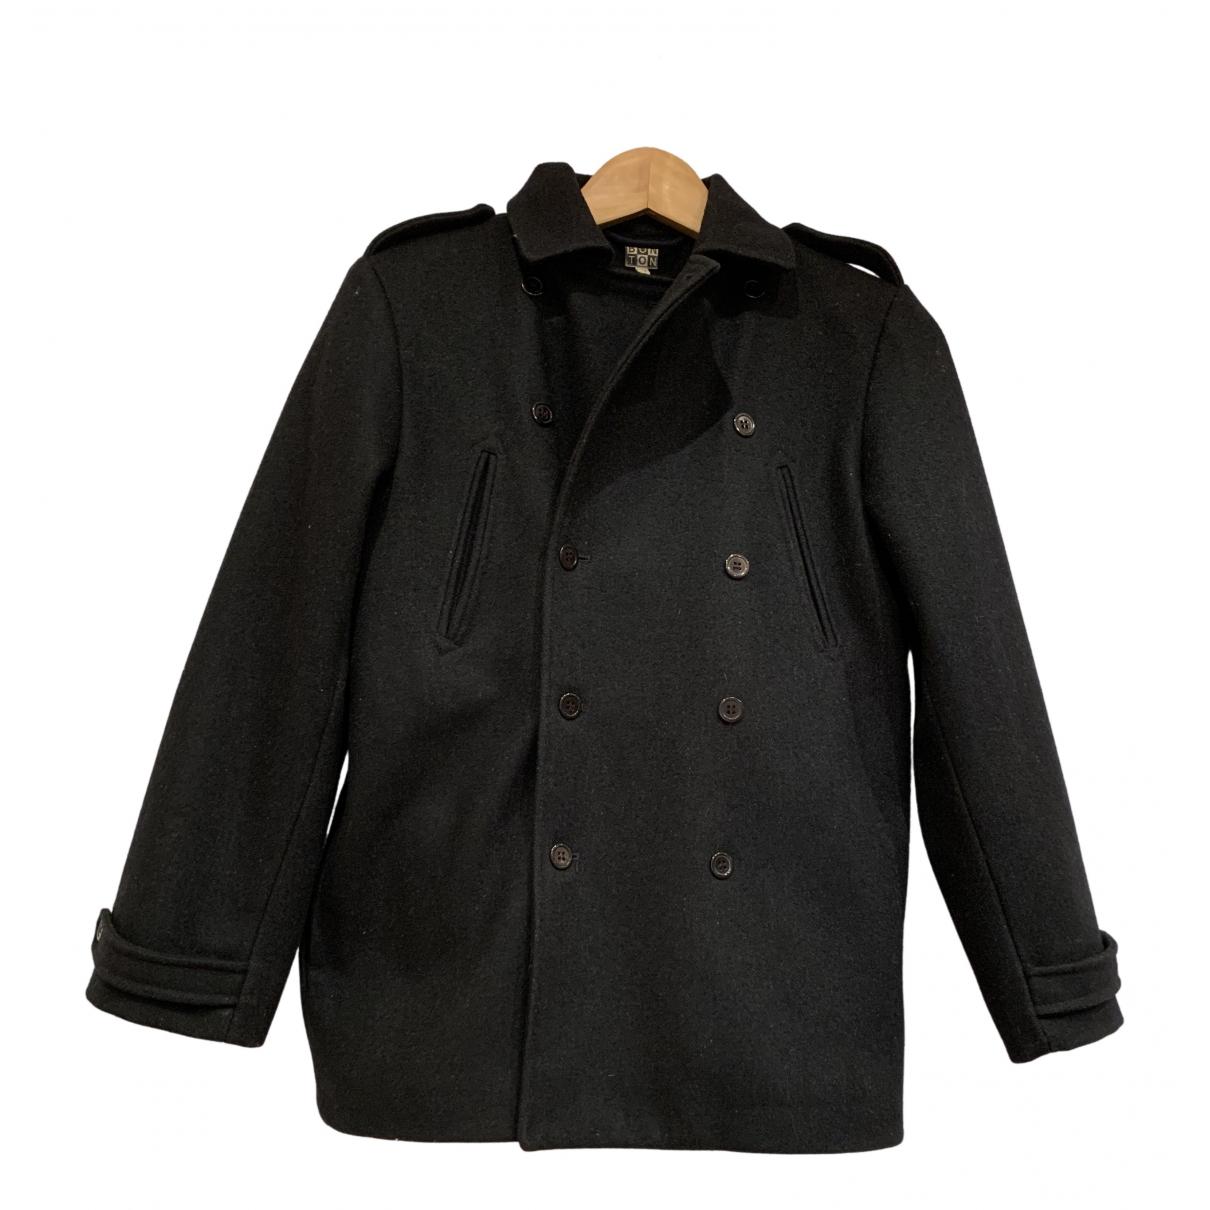 Bonton - Blousons.Manteaux   pour enfant en laine - bleu